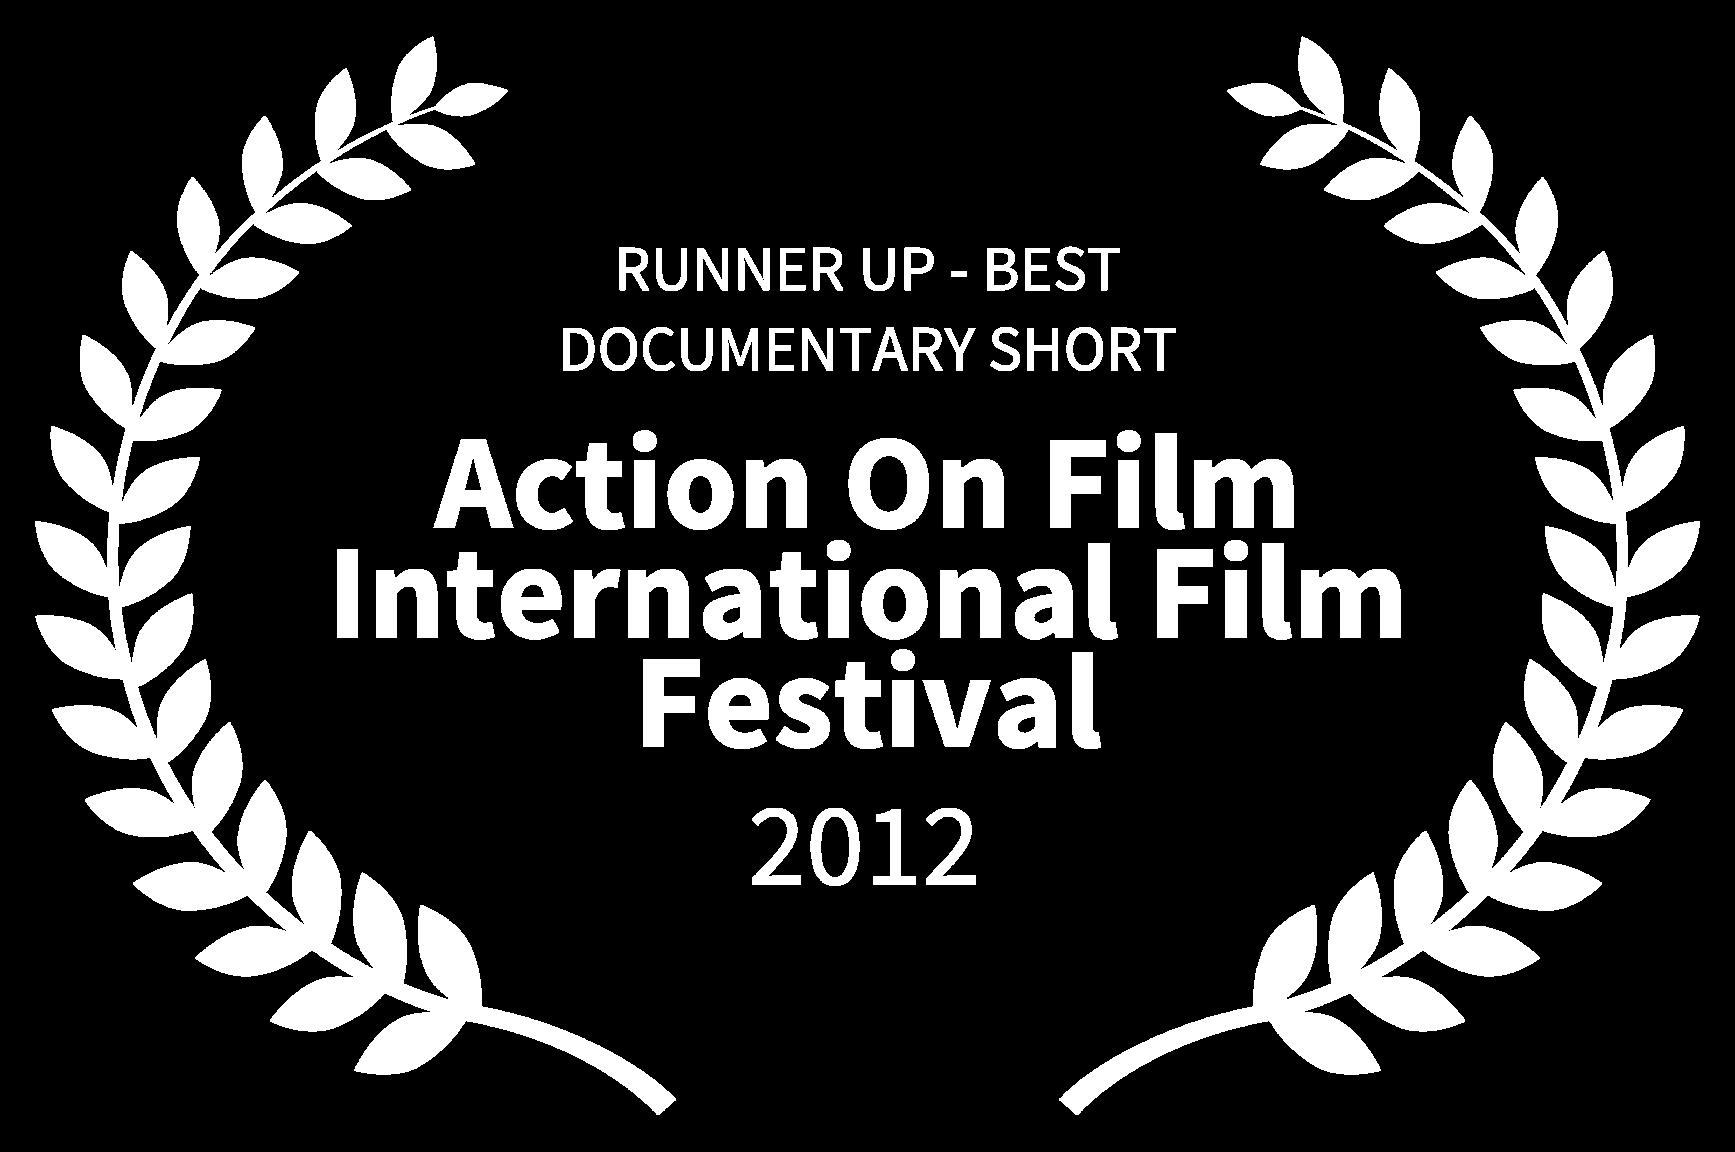 RUNNER UP - BEST DOCUMENTARY SHORT - Action On Film International Film Festival - 2012.png